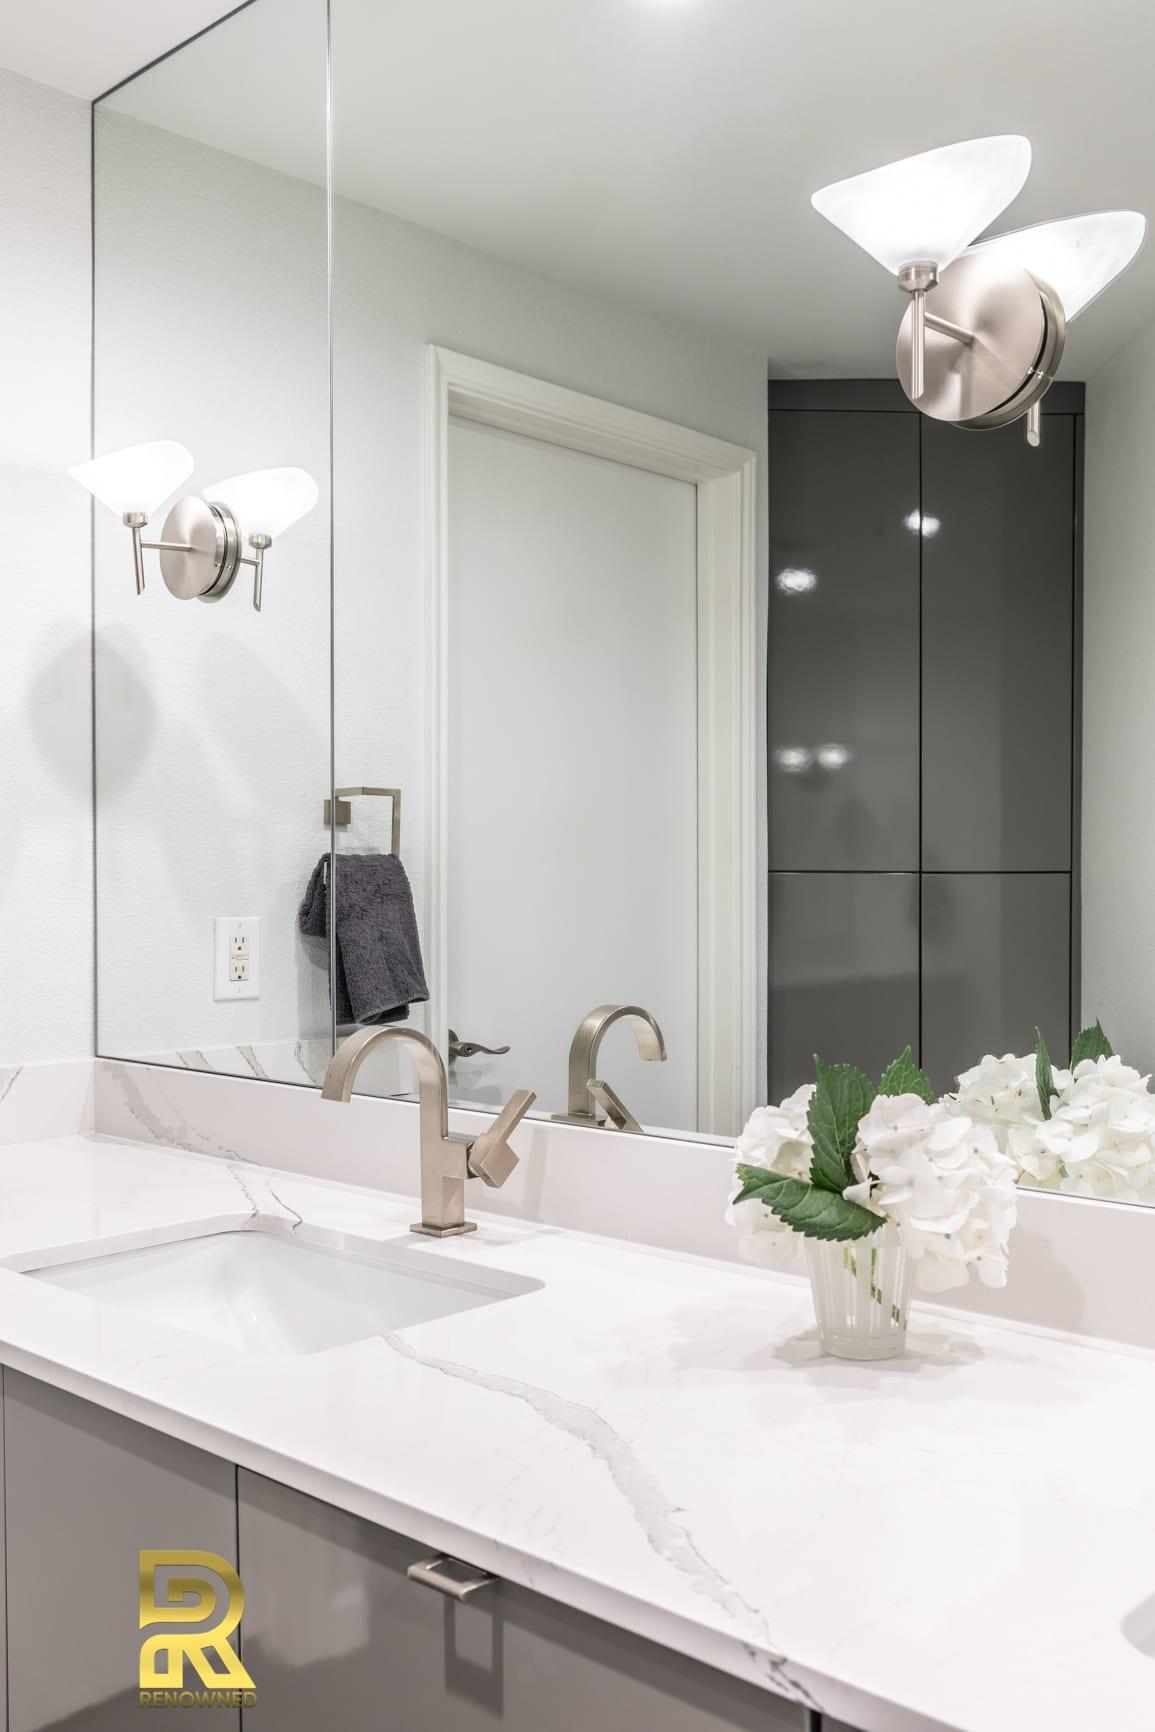 Soft Modern Master Bath Remodeling Sconce Idea